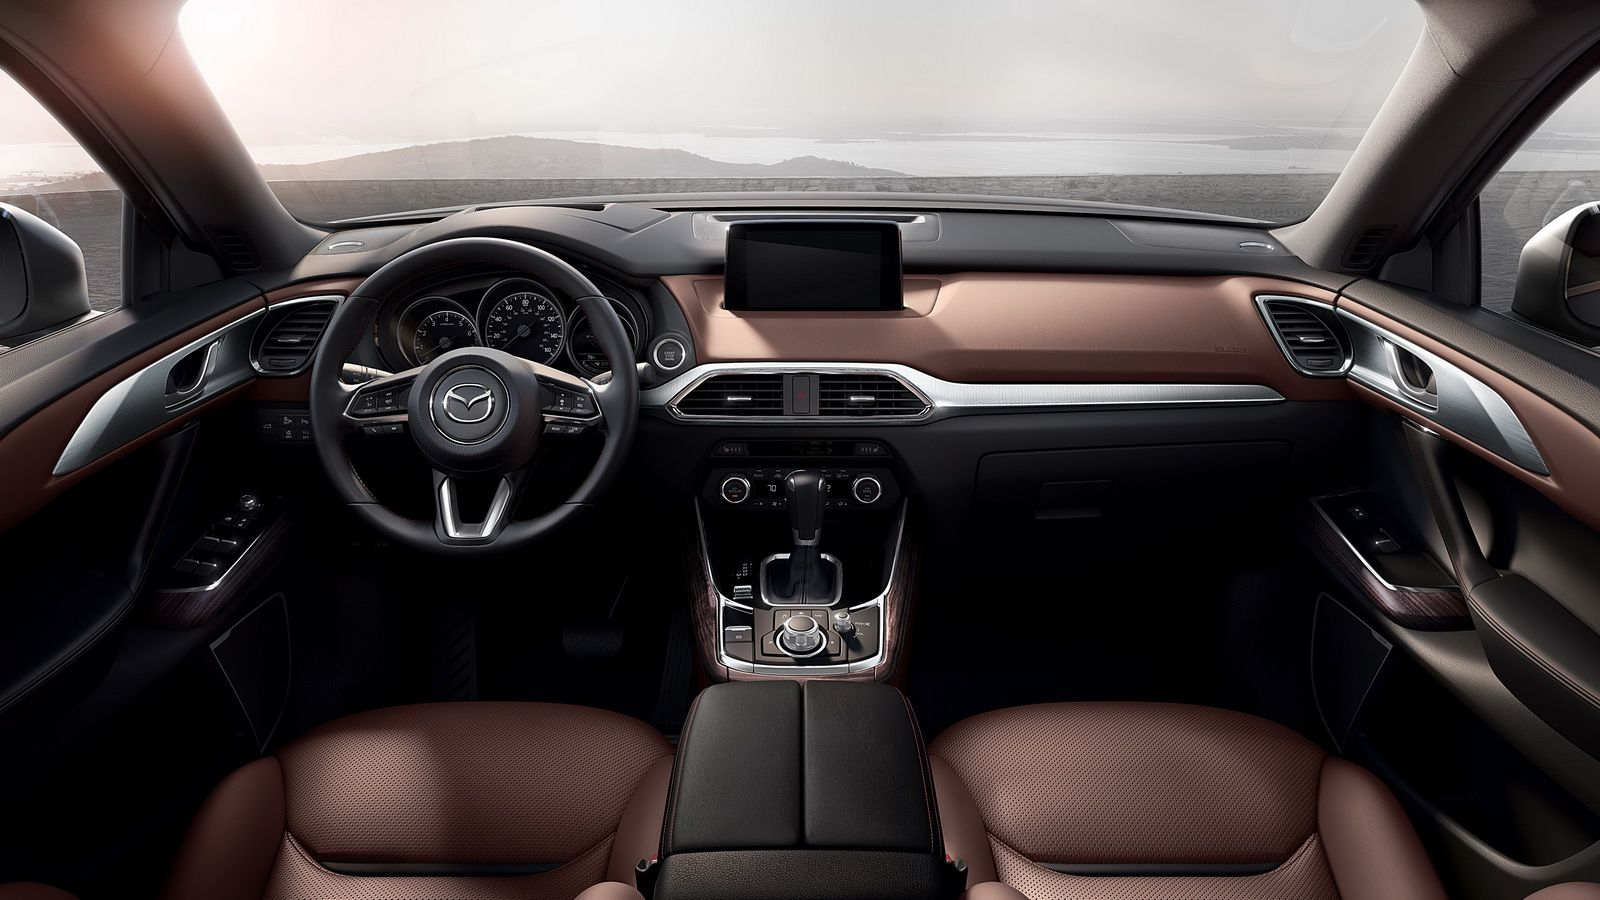 2017 Mazda Cx 9 Is Here And It Has A New 2 5l Turbo Carscoops Mazda Cx 9 Mazda Mazda Cx5